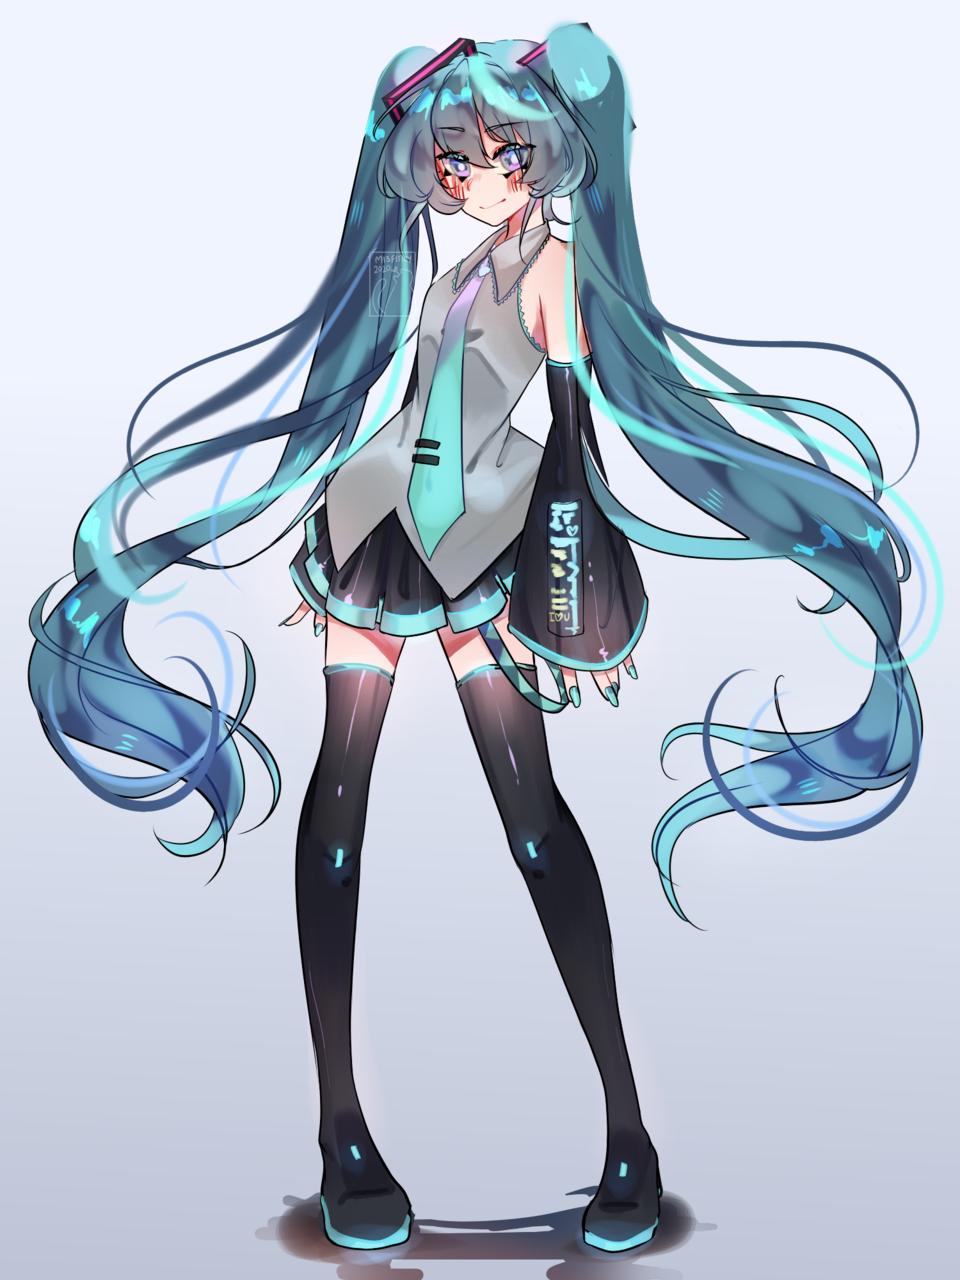 Vocaloid Queen Illust of Mist dress VOCALOID hatsunemikuredraw digital